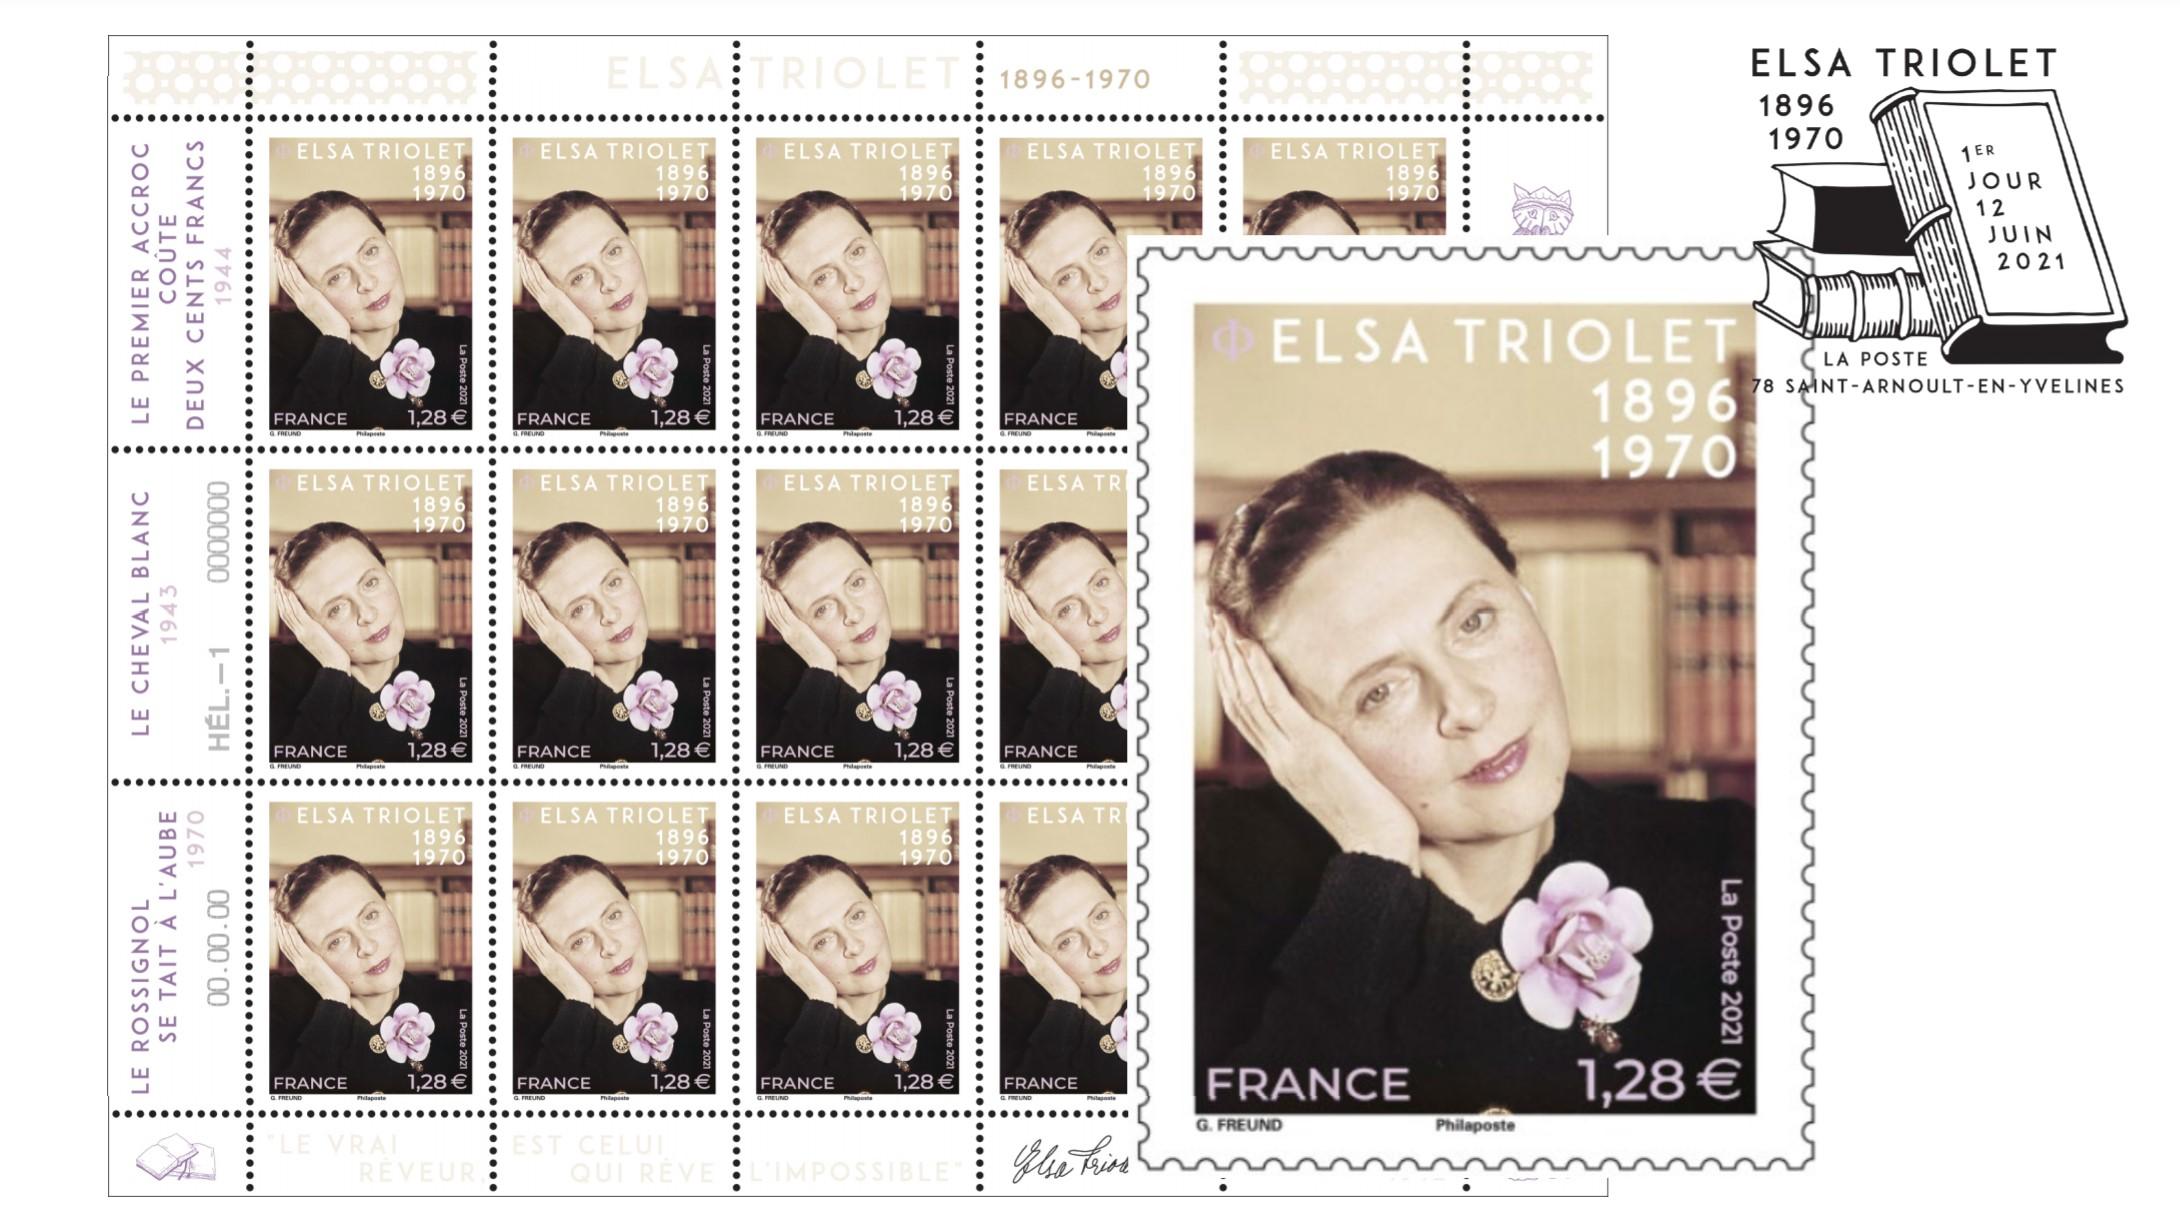 Écrivaine et femme engagée, Elsa Triolet a droit à son timbre